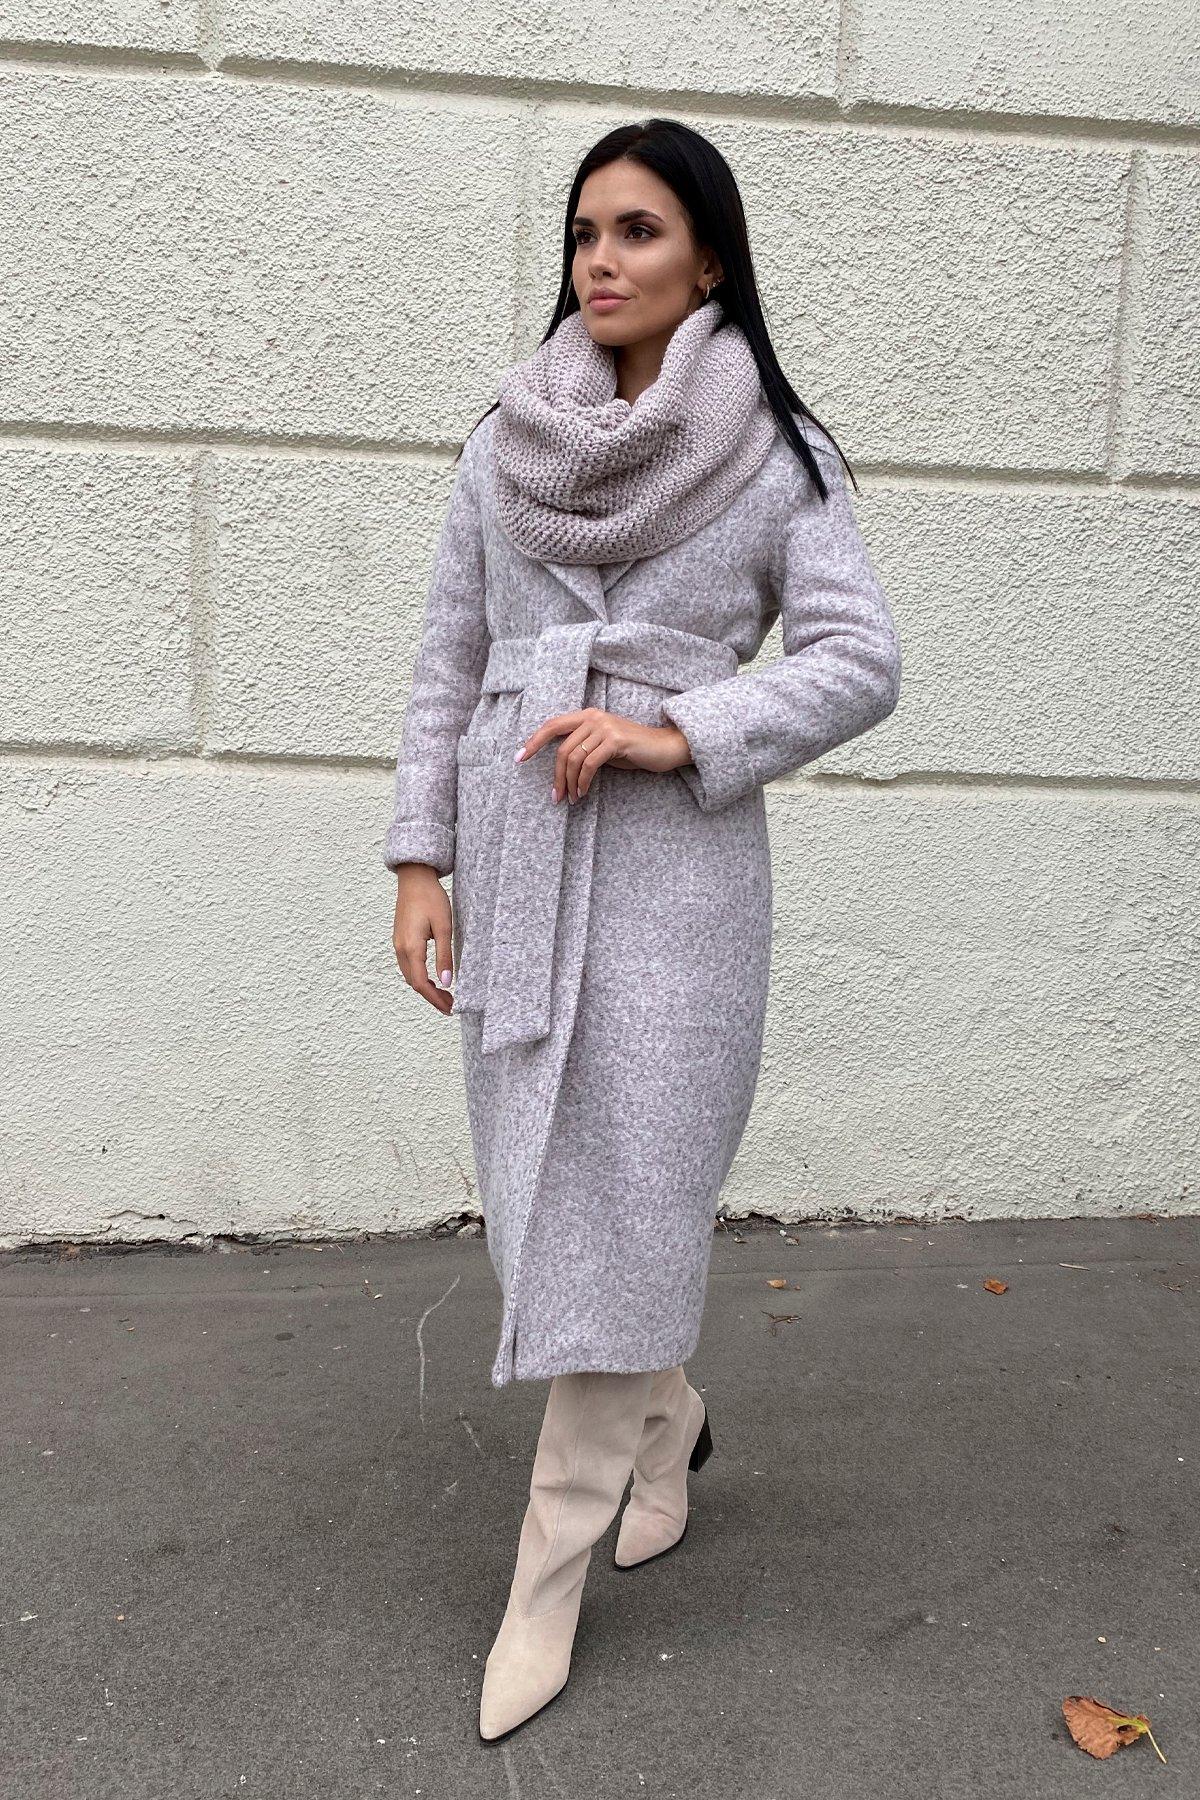 Теплое зимнее пальто буклированная шерсть Вива макси 8349 Цвет: Серый/бежевый 24